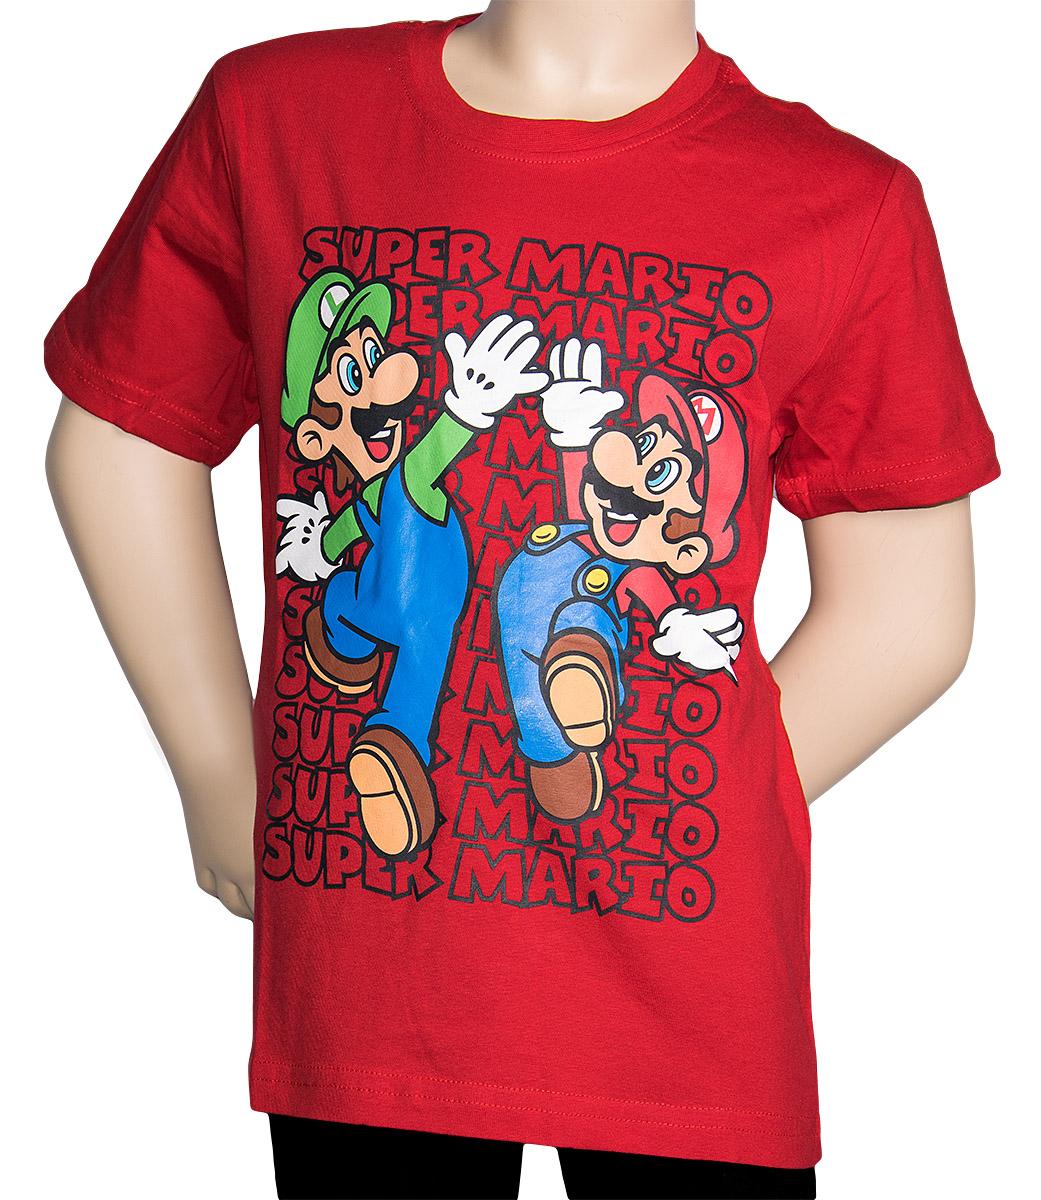 Krásné originální dětské tričko Super Mario pro kluky, červené